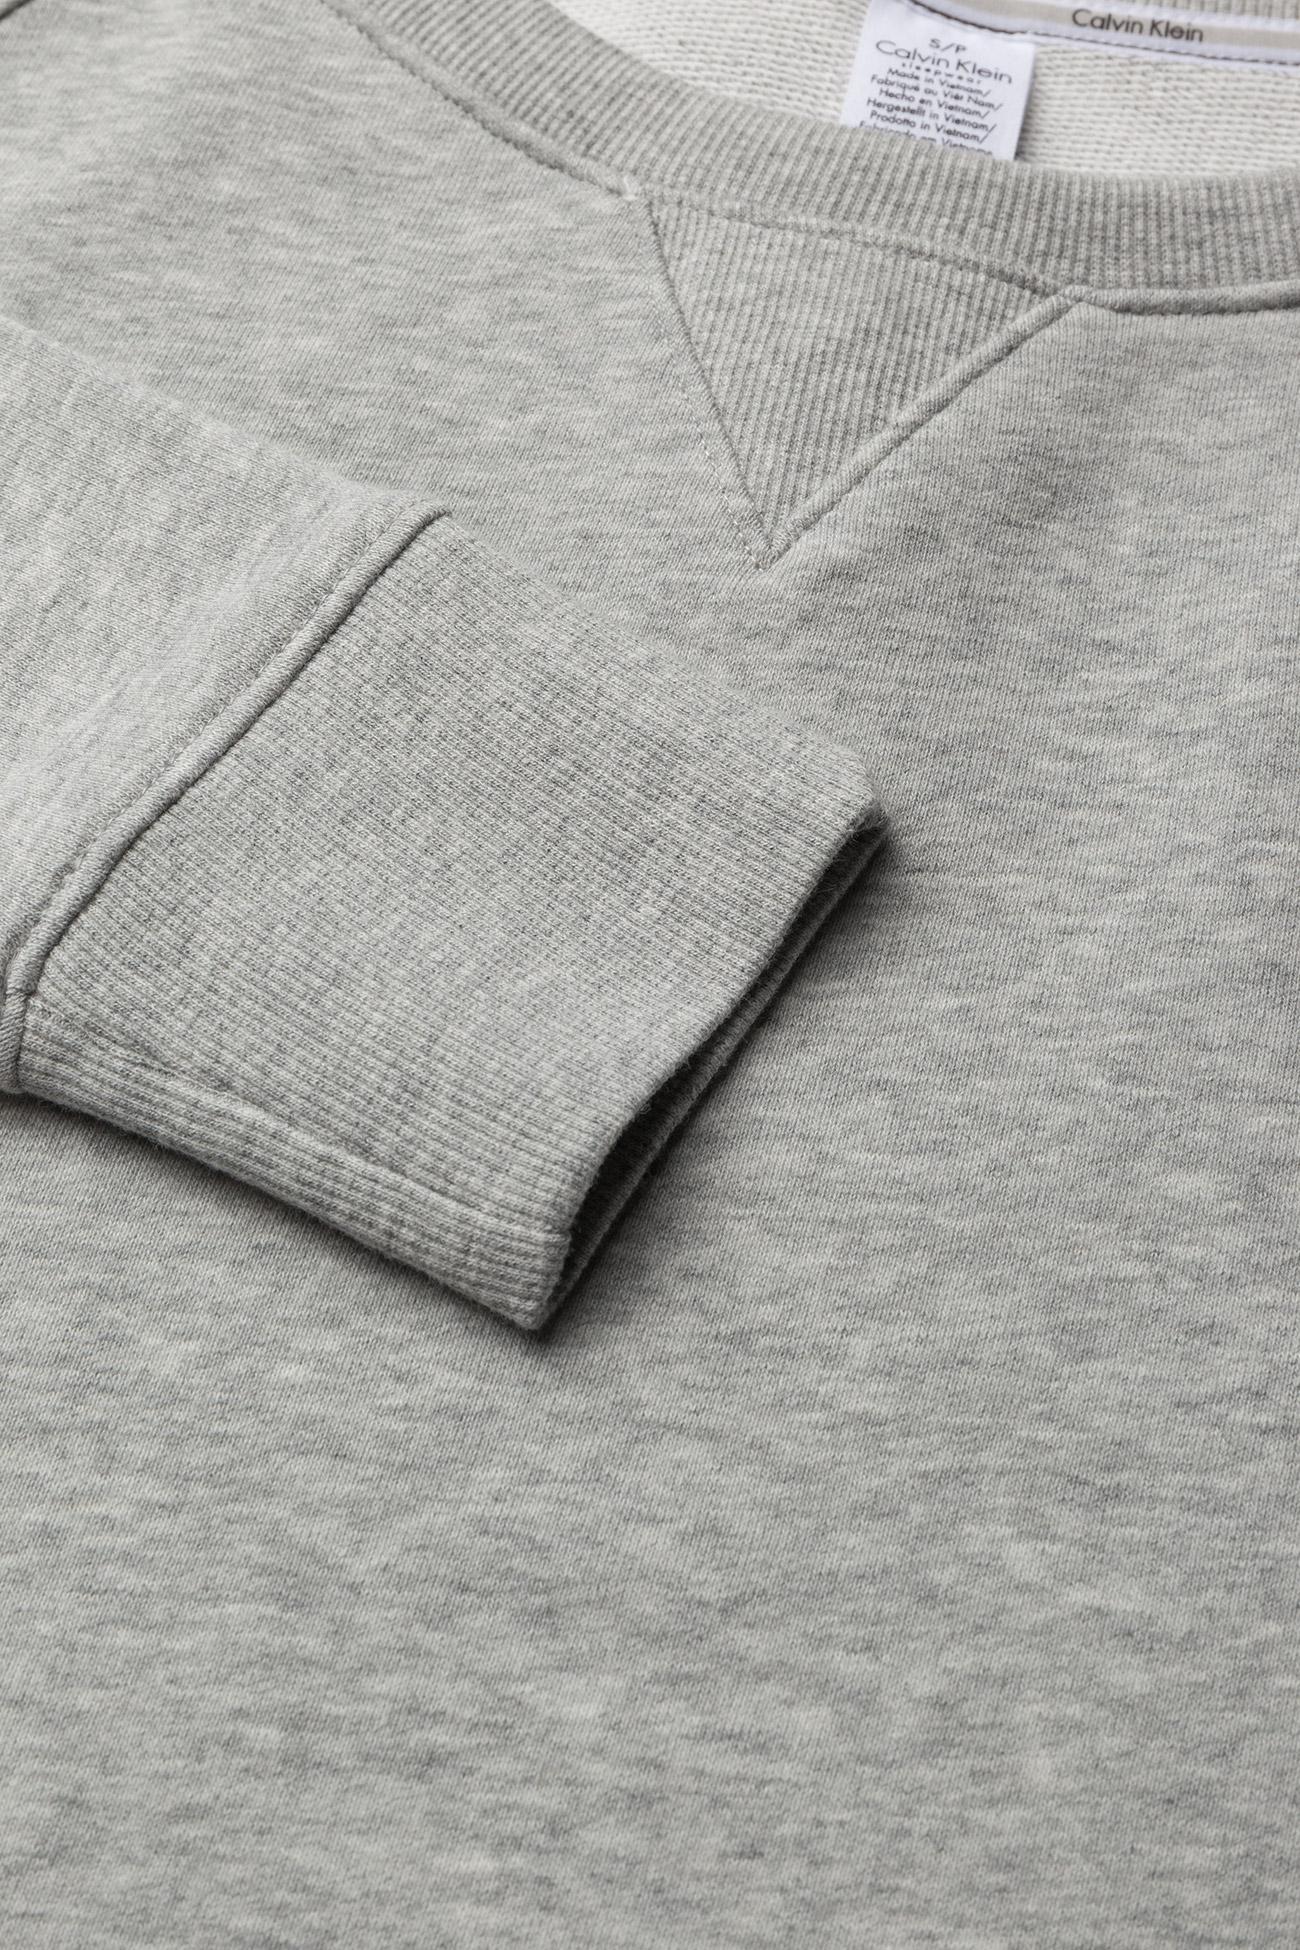 Calvin Klein - TOP SWEATSHIRT LONG SLEEVE - overdeler - grey heather - 1